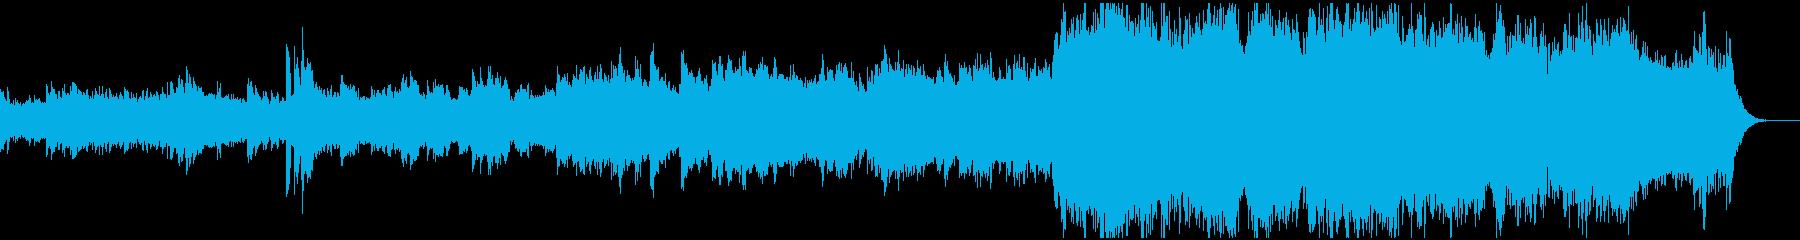 感動シーン向けのオーケストラの再生済みの波形